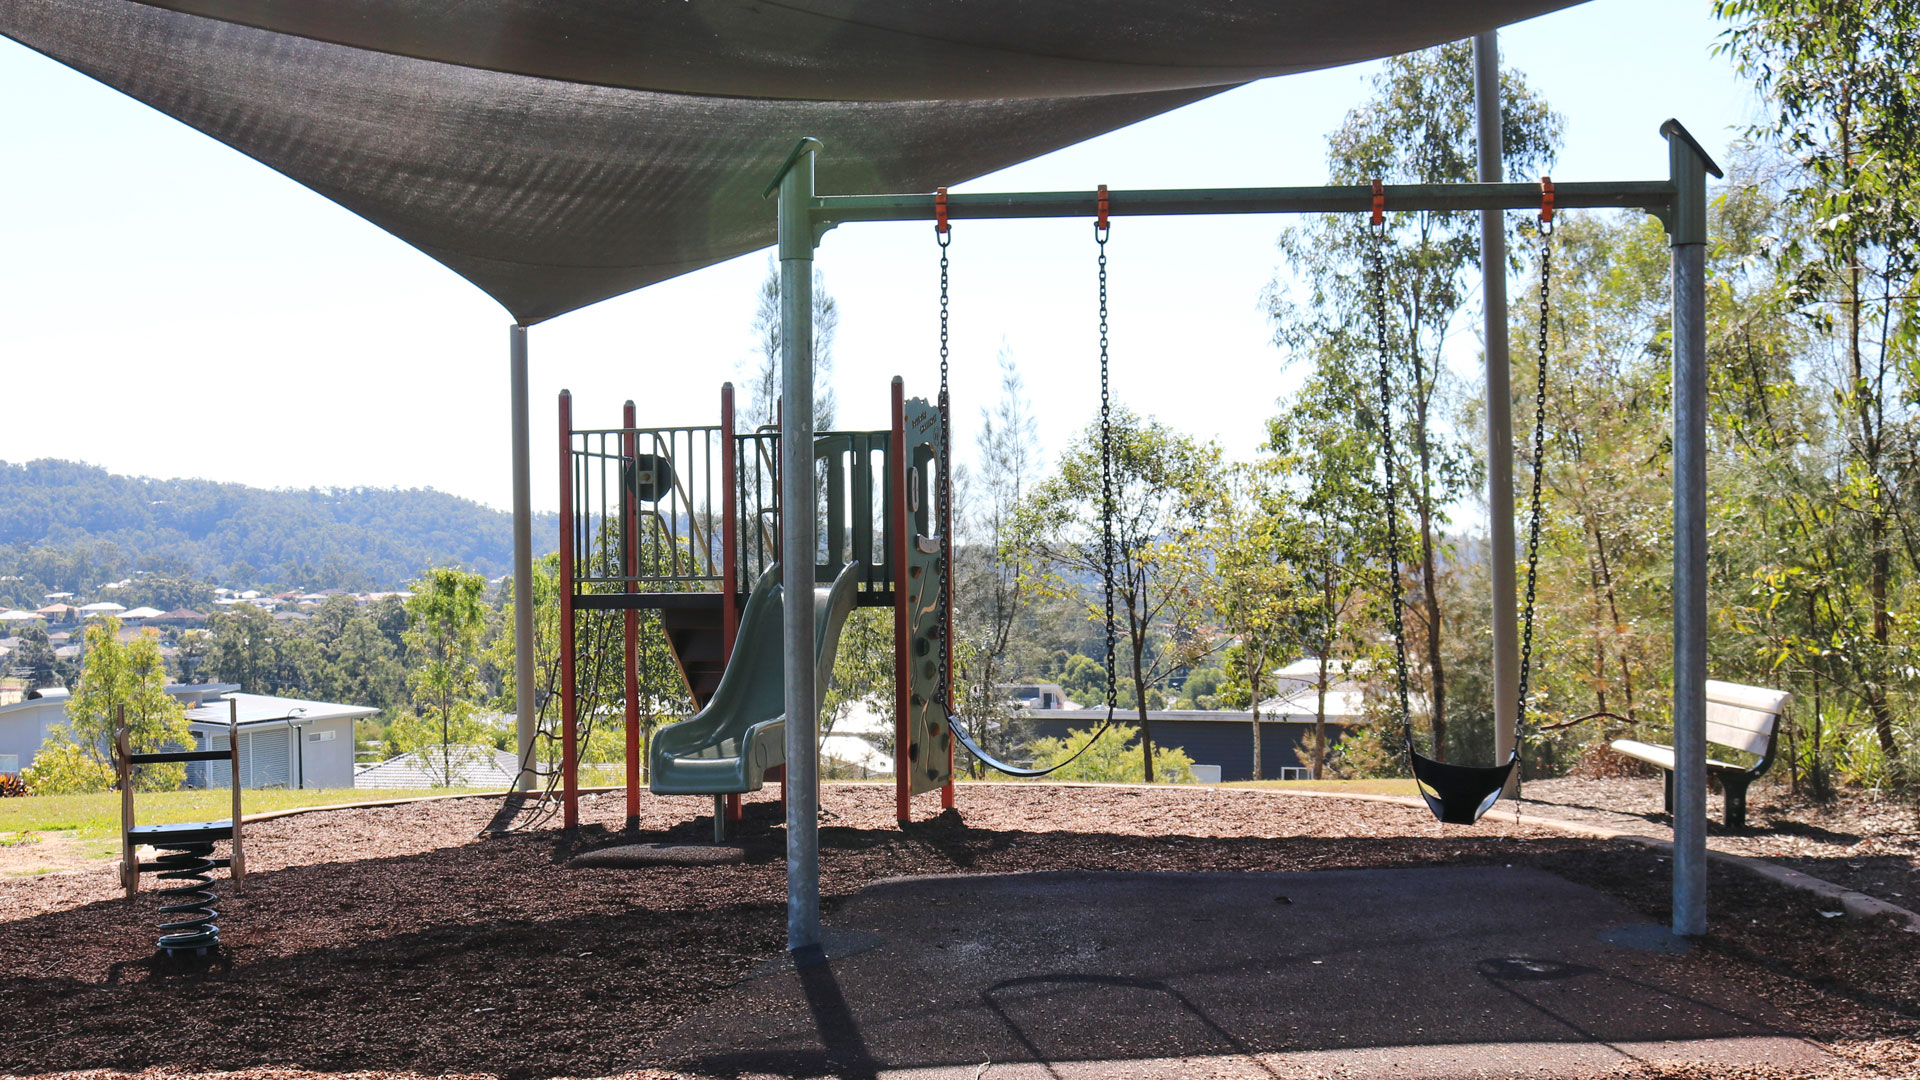 Upper Kedron – Kingfisher Drive Park